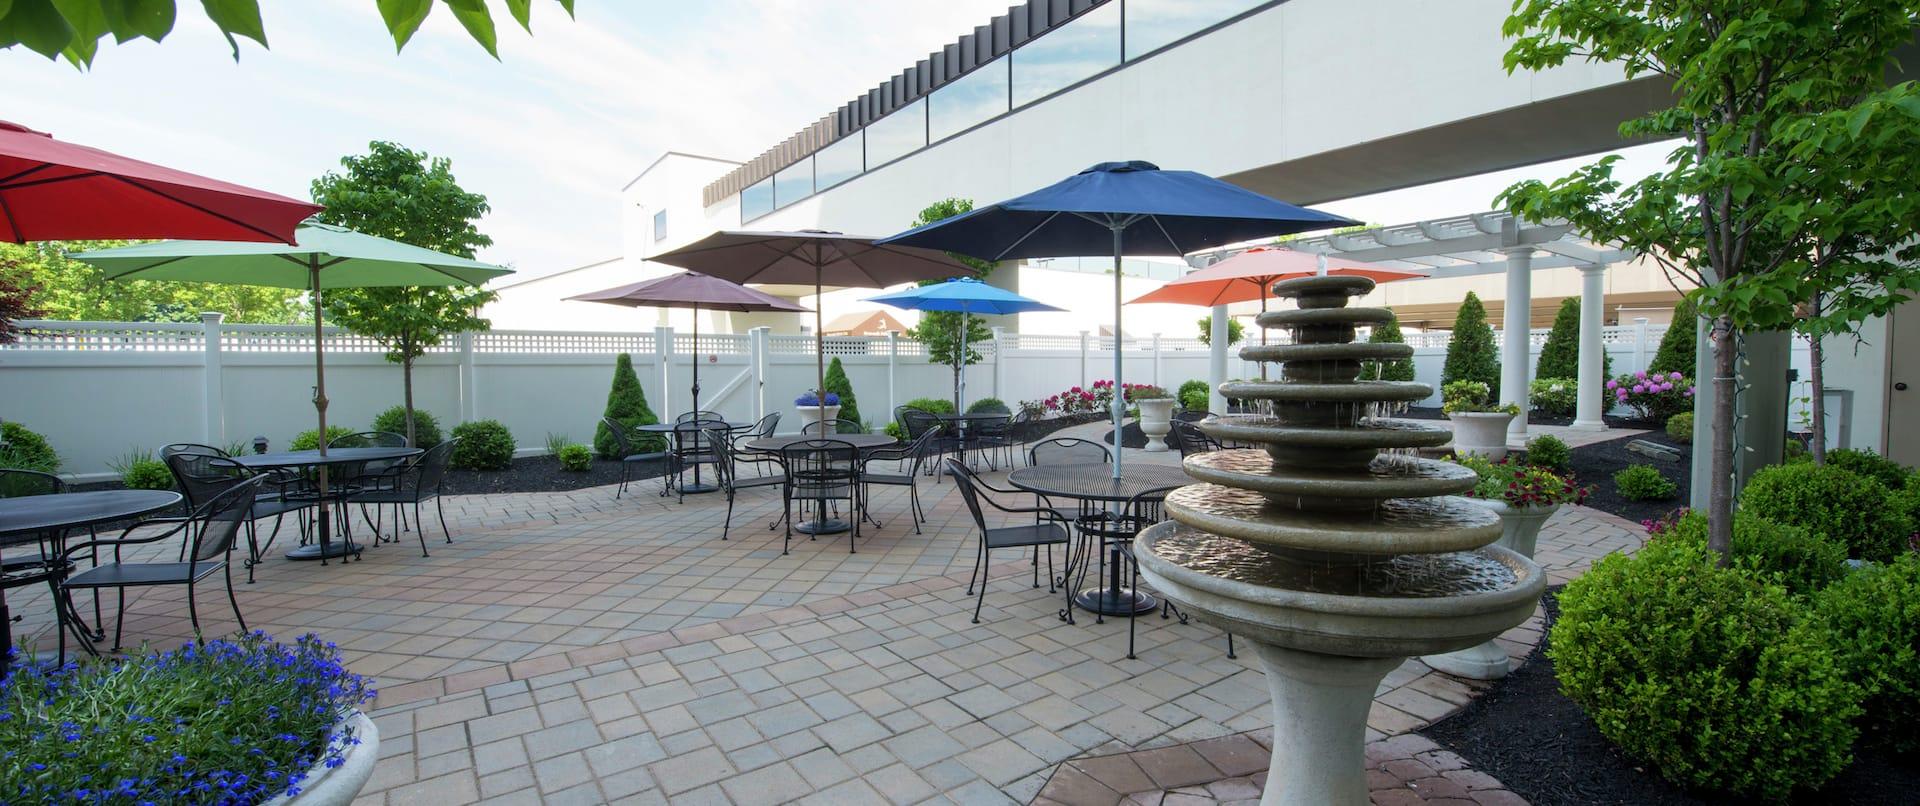 Tables With Sun Umbrellas on Carbo Garden Terrace